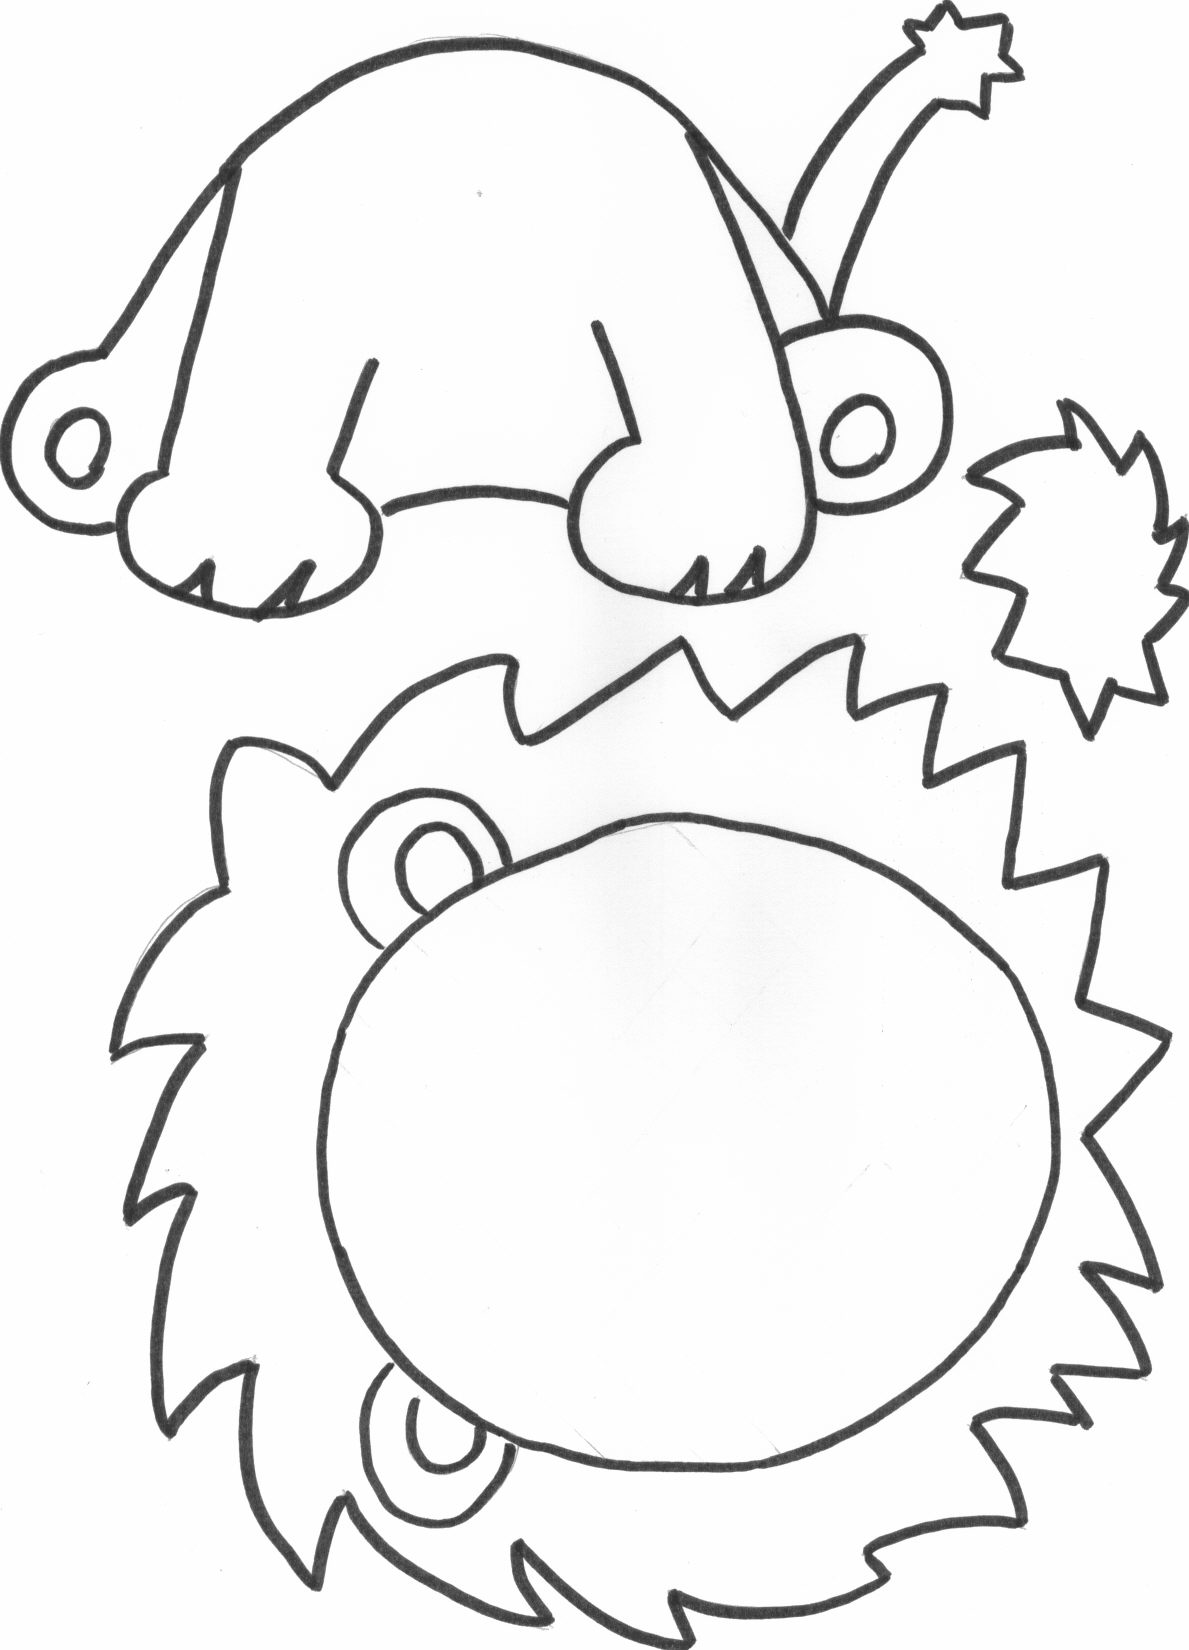 Modele dessin lion galerie tatouage - Comment dessiner un lion ...